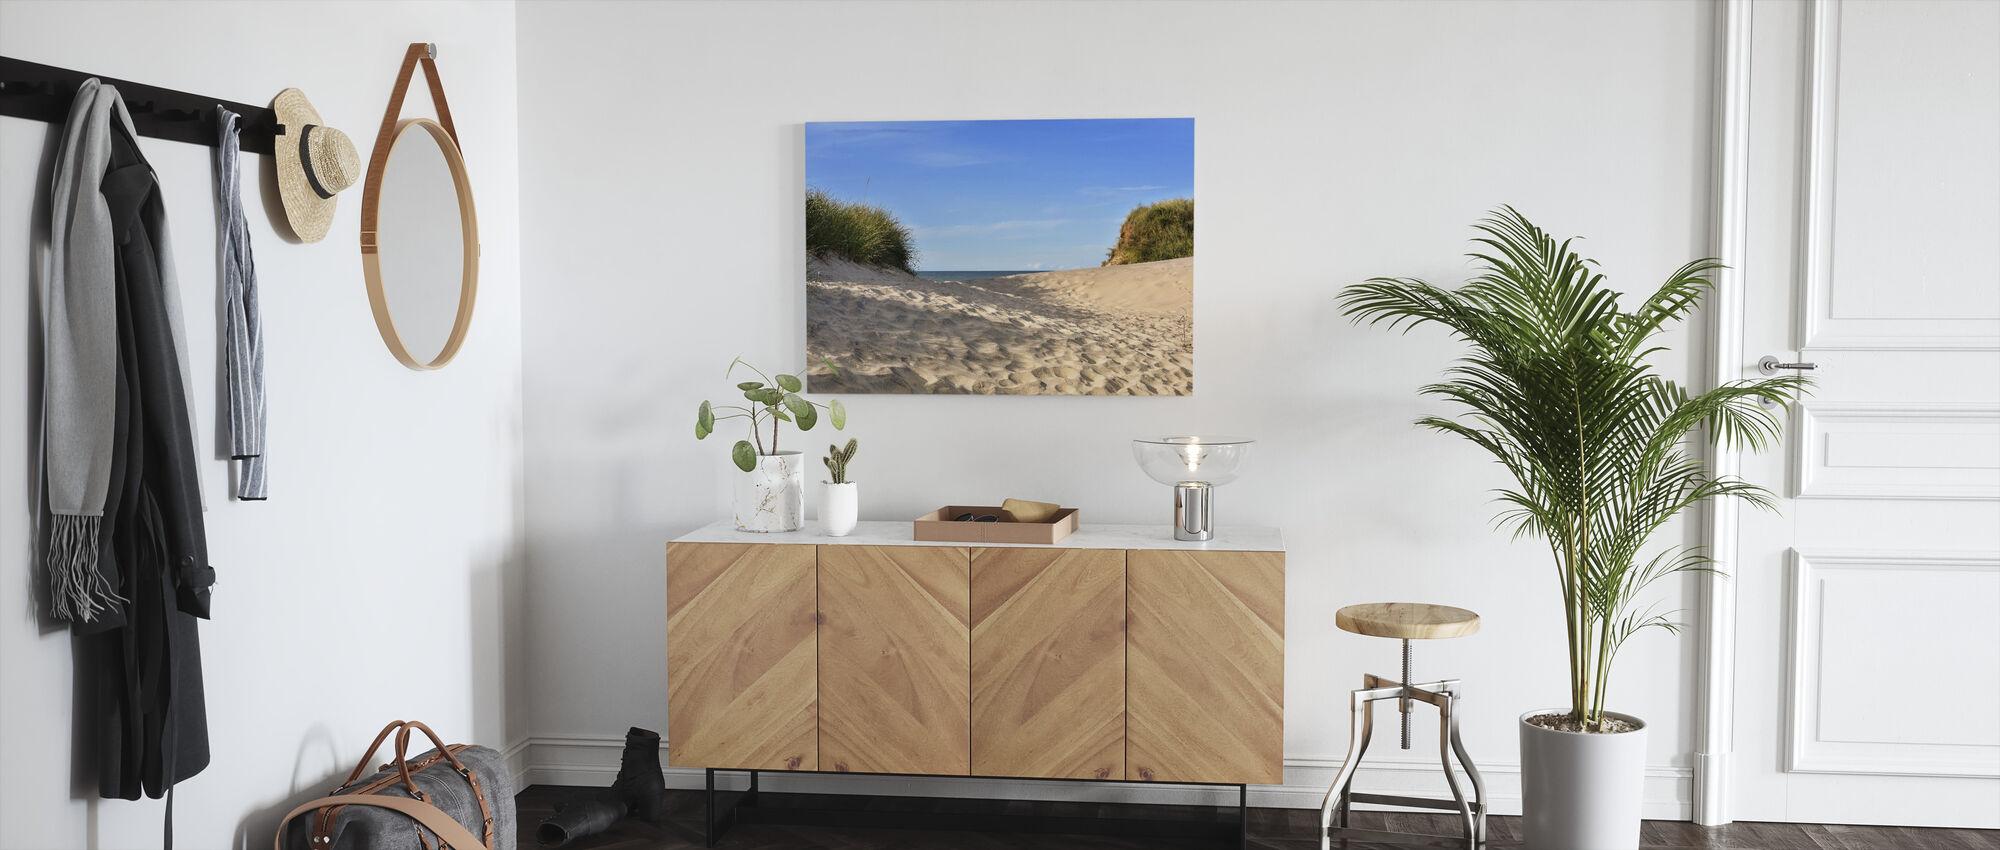 Strand Sand - Canvastavla - Hall